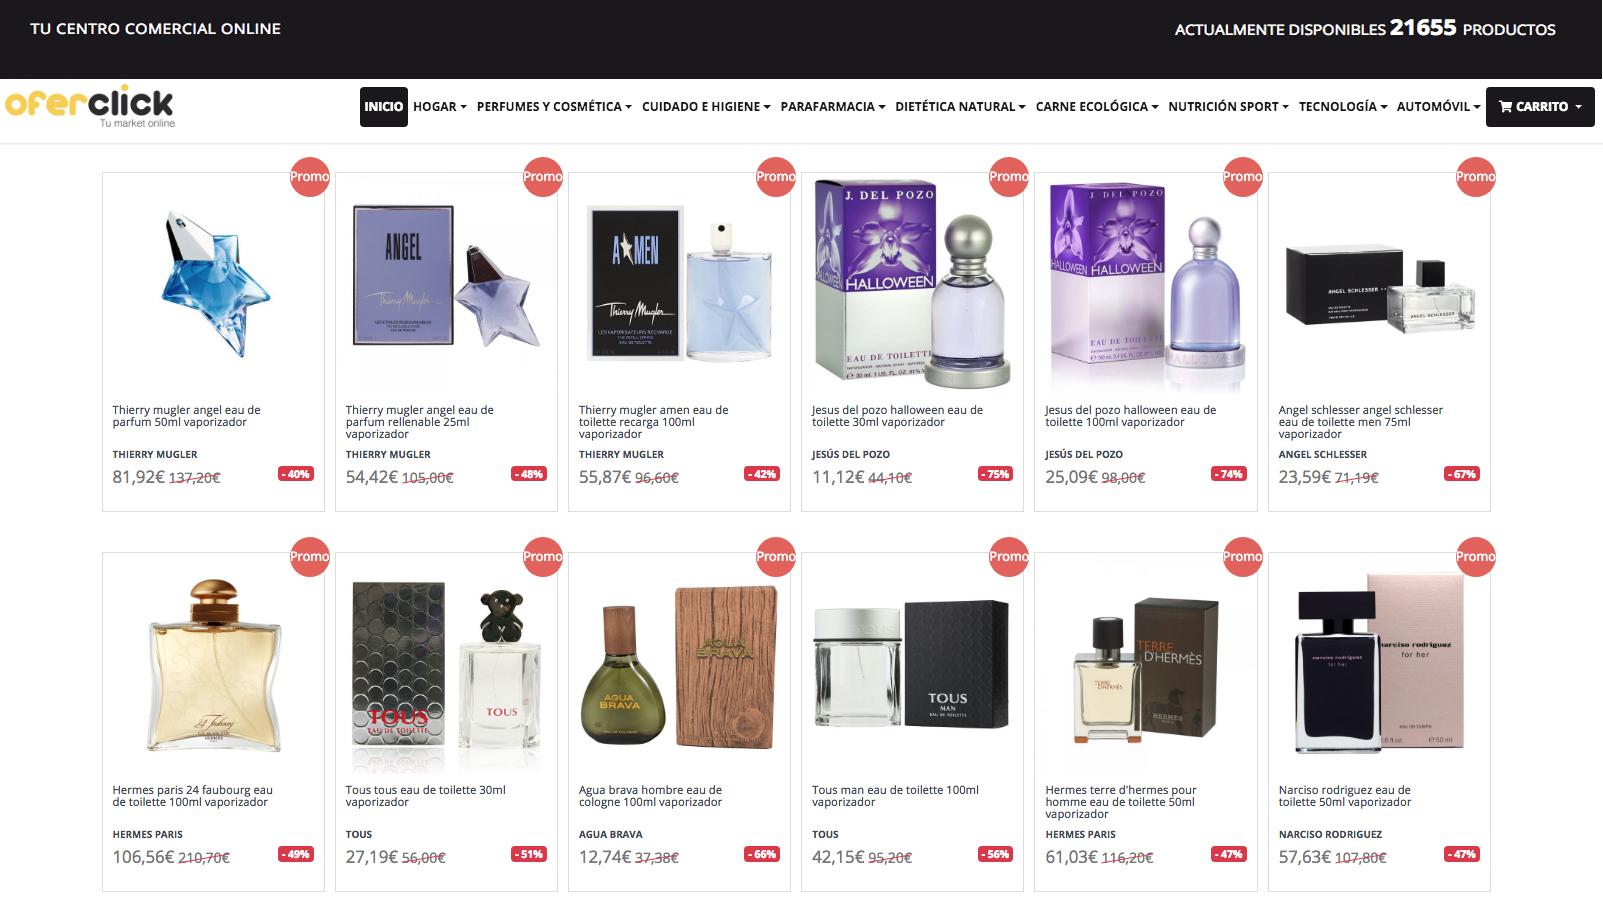 Tienda Online Oferclick